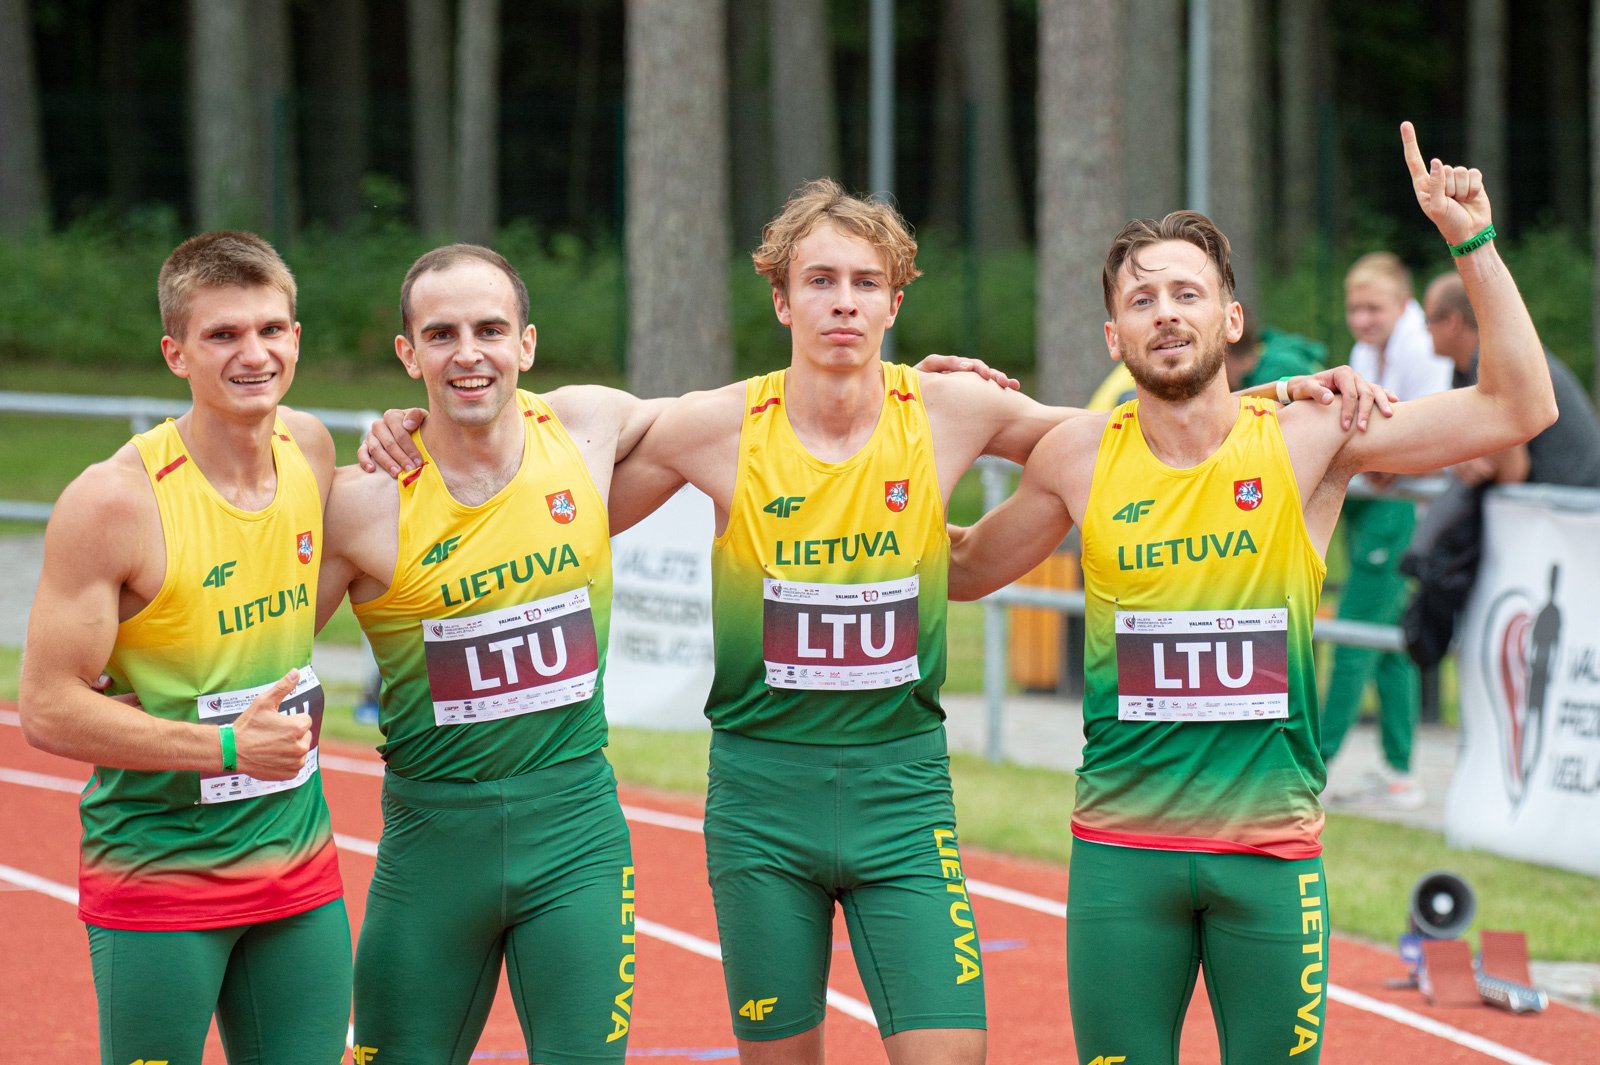 Baltijos lengvosios atletikos čempionate ir vėl daugiausiai pergalių iškovojo lietuviai